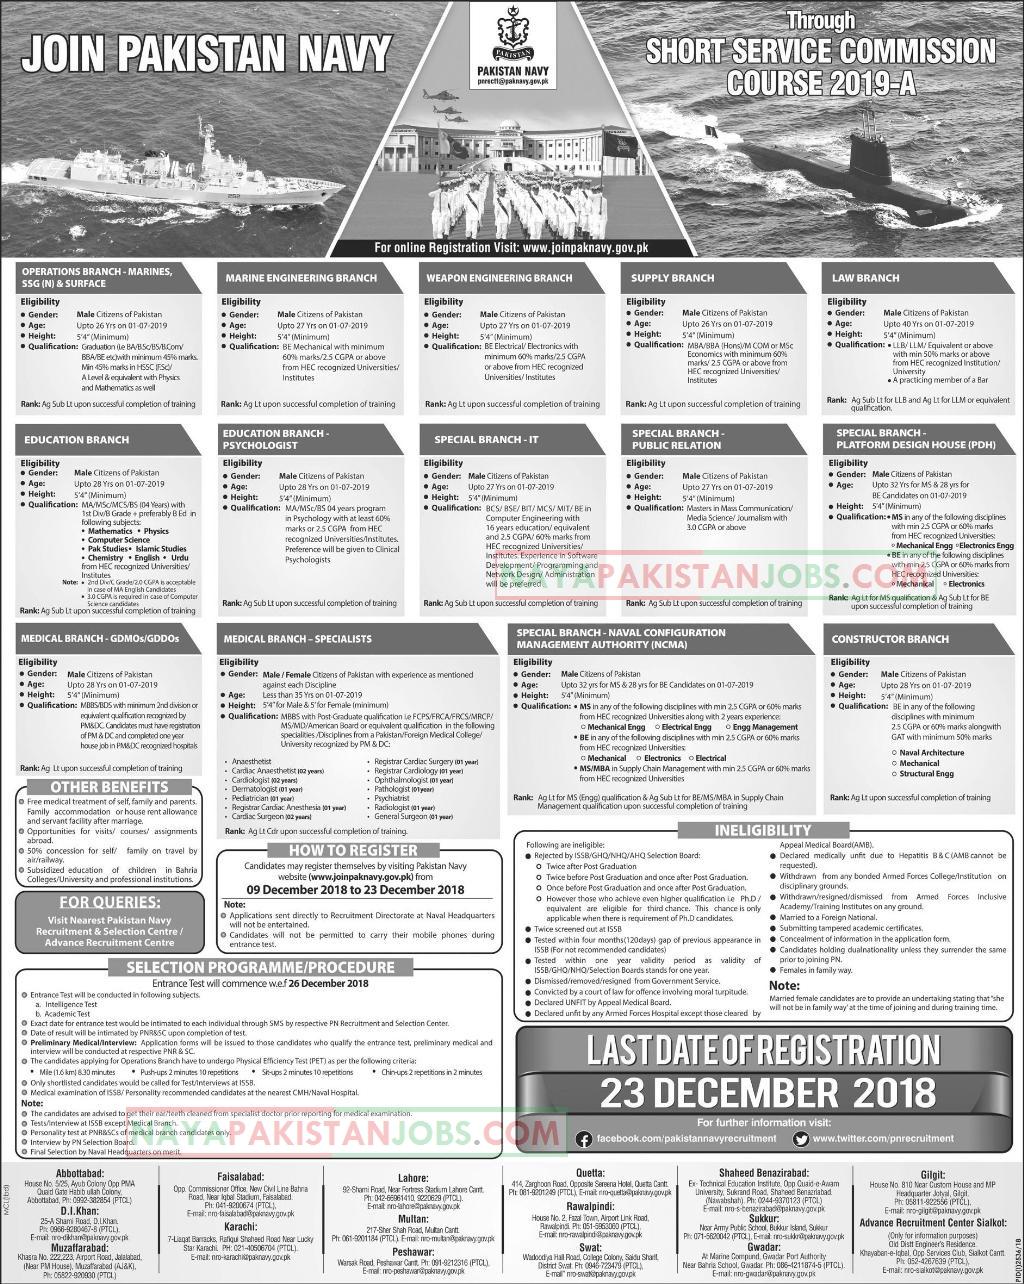 Joinpaknavy.gov.pk Join Pakistan Navy Through Short Service Commission Course 2019-A | 09 Dec 2018